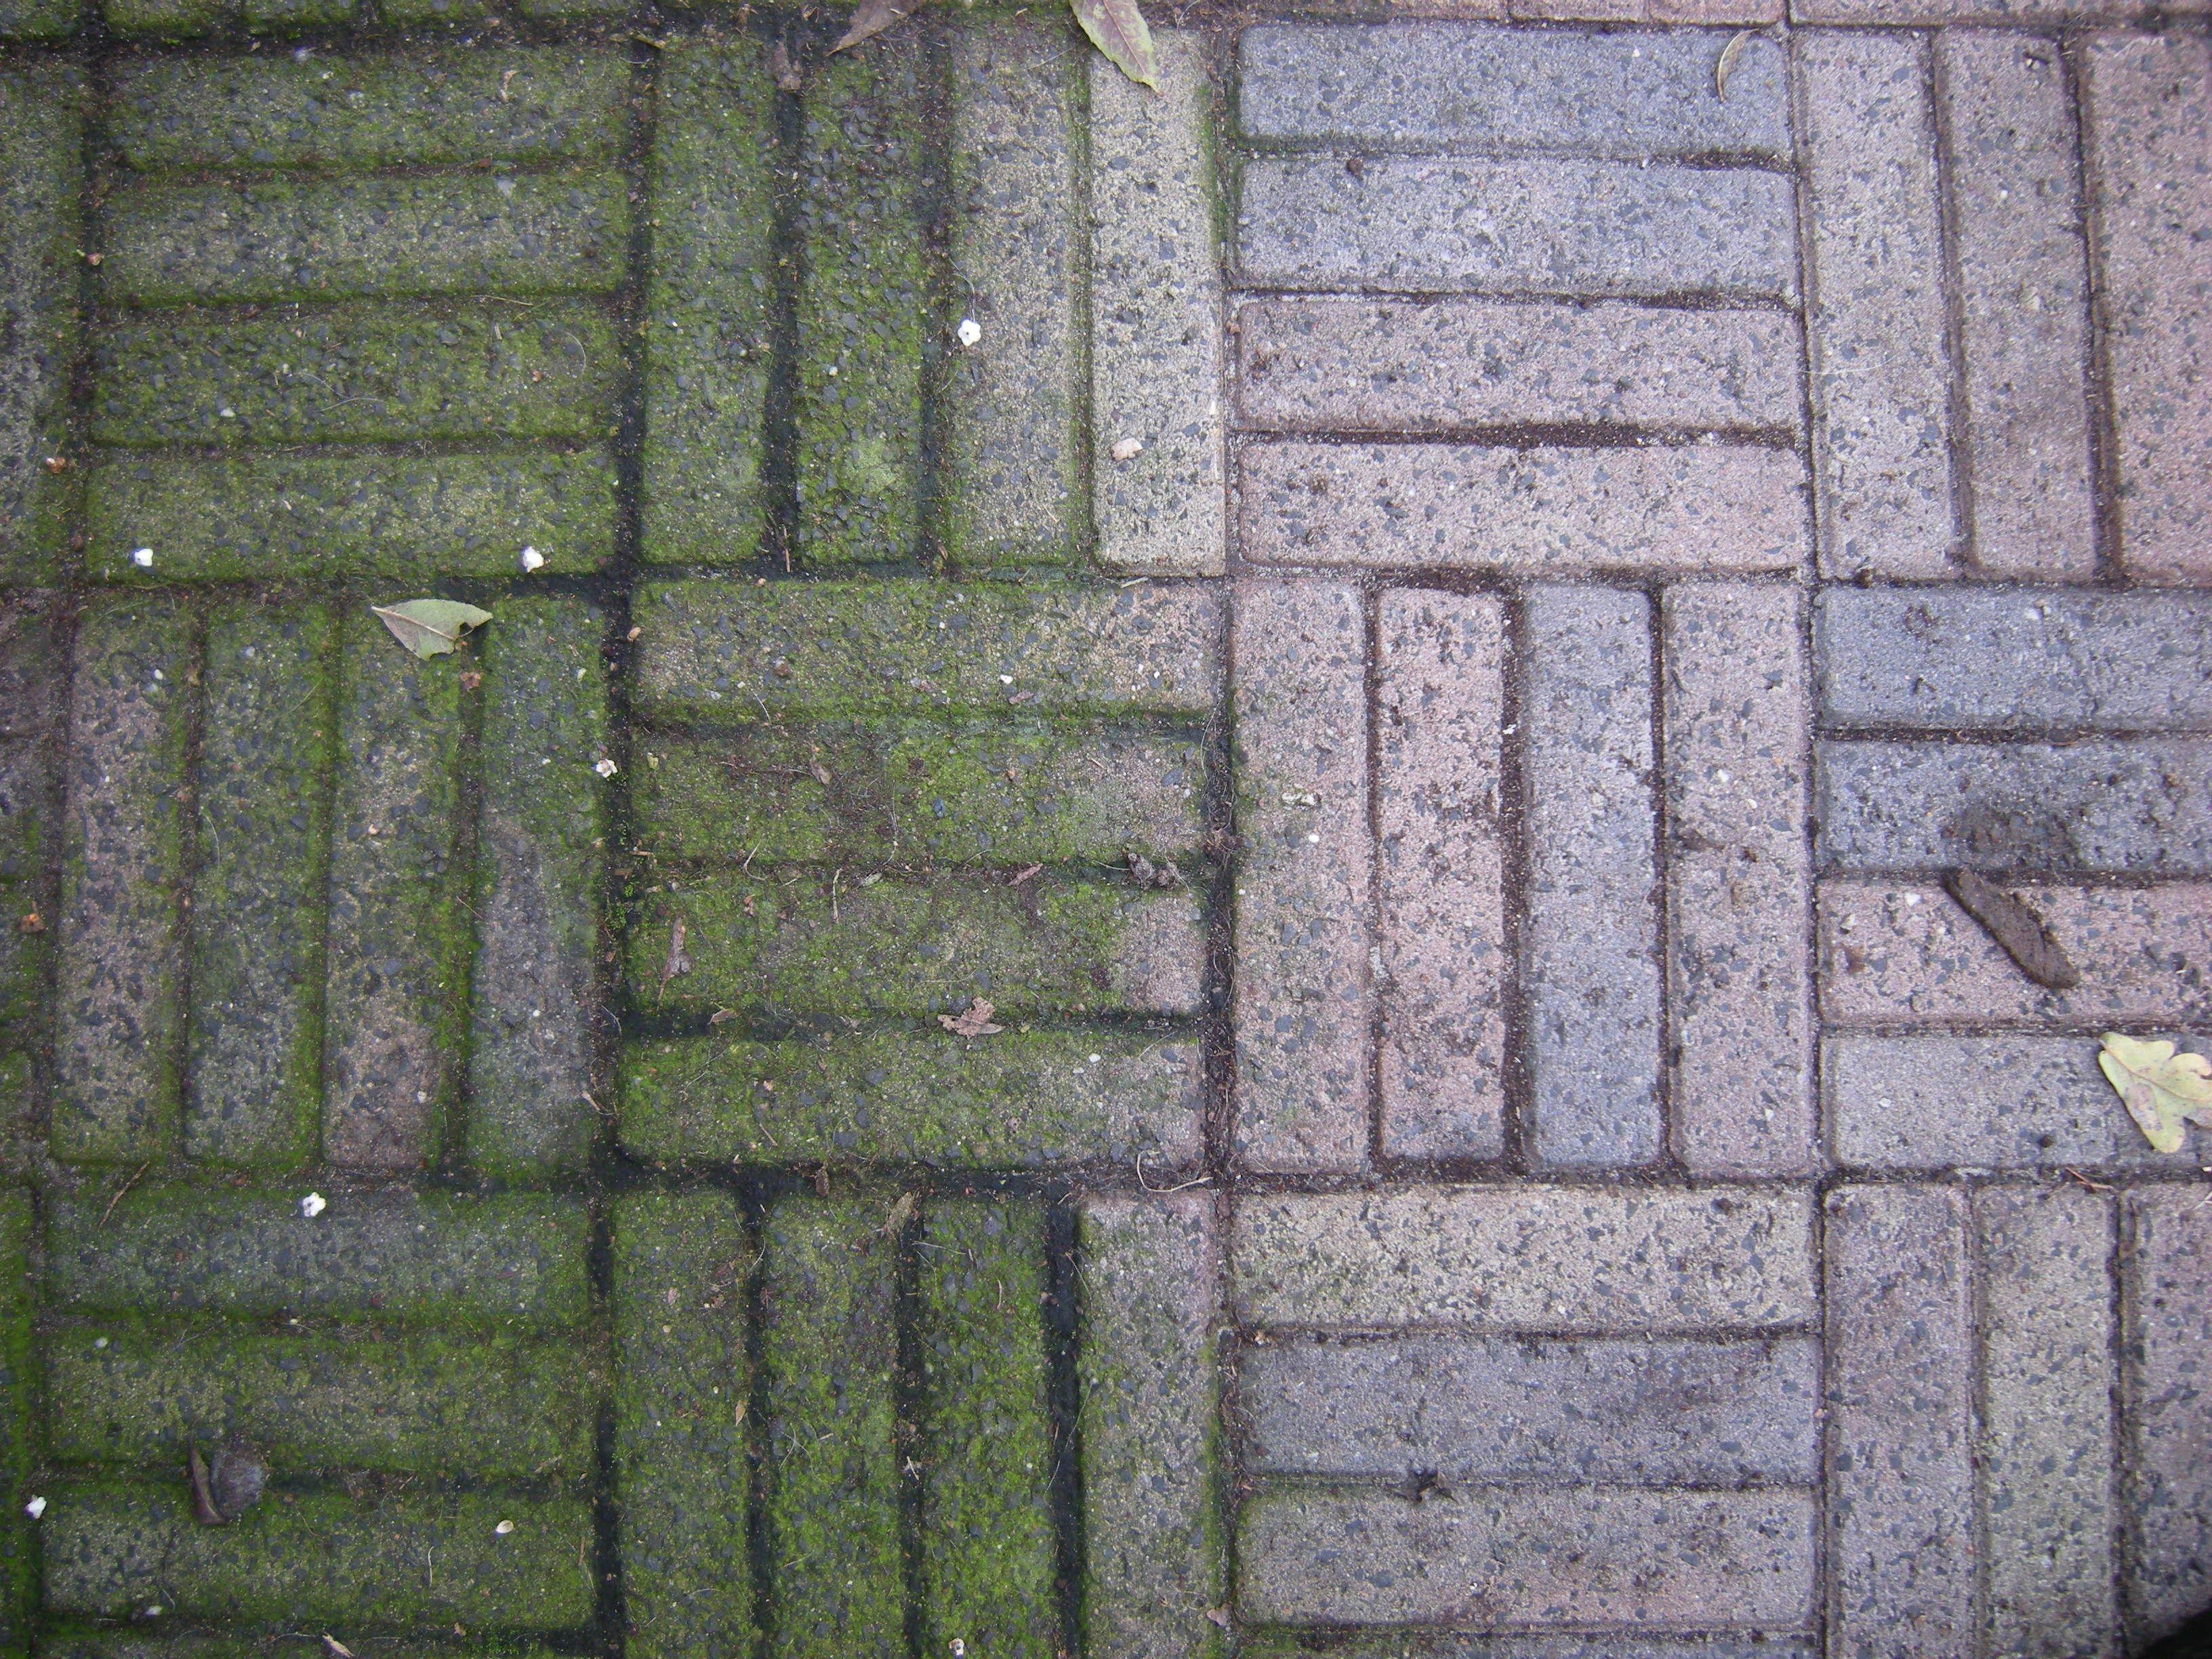 groene aanslag van tegels verwijderen met azijn